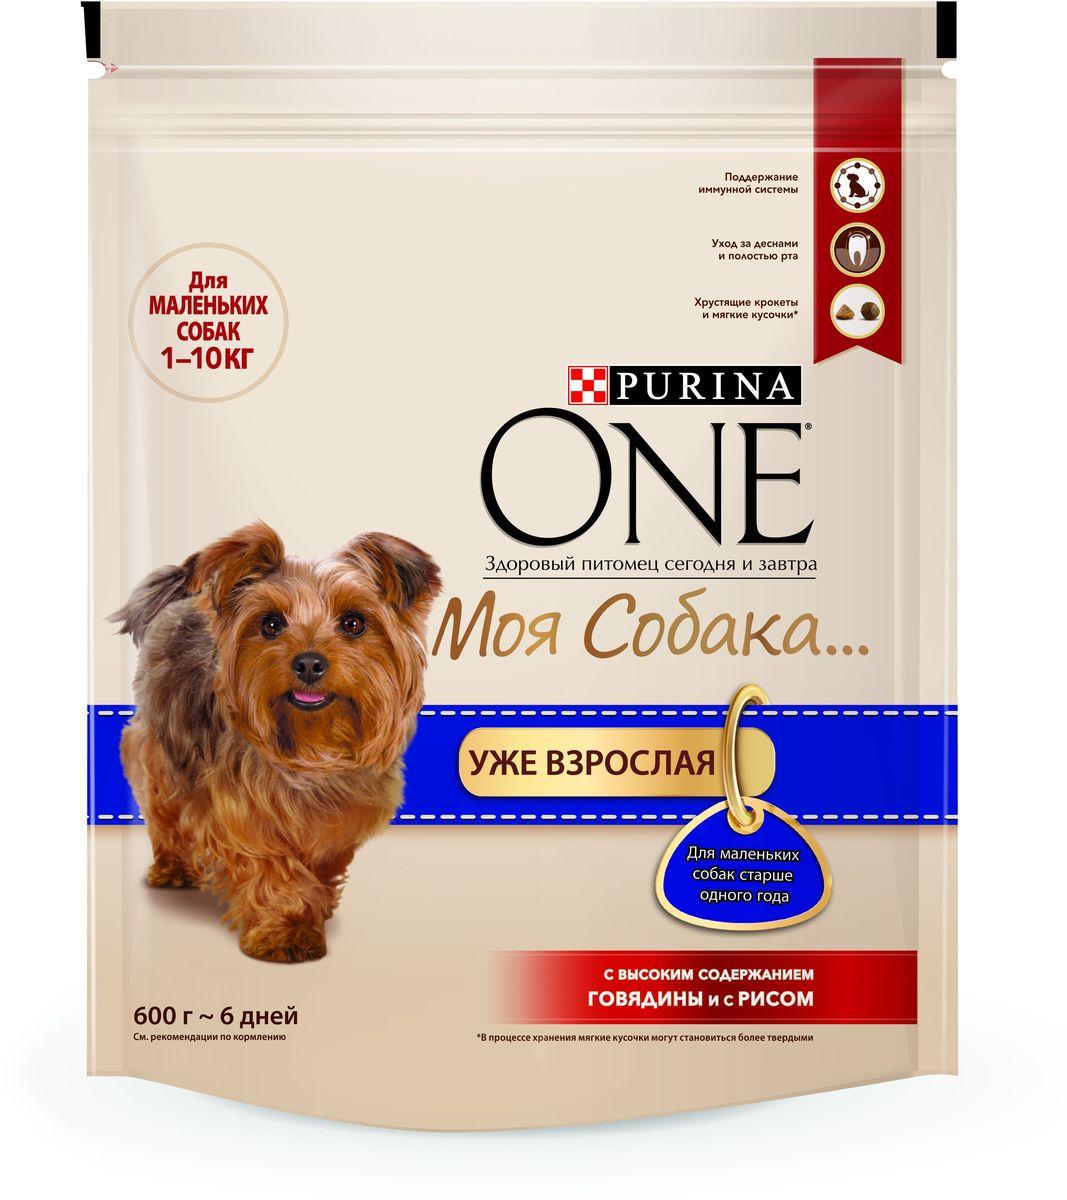 Корм сухой Purina One Моя Собака…Уже взрослая, с говядиной и рисом, 600 г0120710Вкусное сочетание хрустящих крокетов и мягких кусочков с высоким содержанием говядины, отличается высоким уровнем антиоксидантов для поддержания крепкой иммунной системы и необходимыми питательными веществами для ухода за полостью рта. Начните кормить вашего любимца кормом PURINA ONE® Моя Собака...и оцените видимый результат улучшения его здоровья.МЕ/кг: витамин А: 30 000; витамин D3:1 000; витамин E: 600. Мг/кг: витамин С: 140; железо: 69; йод: 1,7; медь: 10; марганец: 32; цинк: 130; селен: 0,11. Белок: 27,0%, Жир: 17,0%, Сырая зола: 7,0%, Сырая клетчатка: 1,5%.